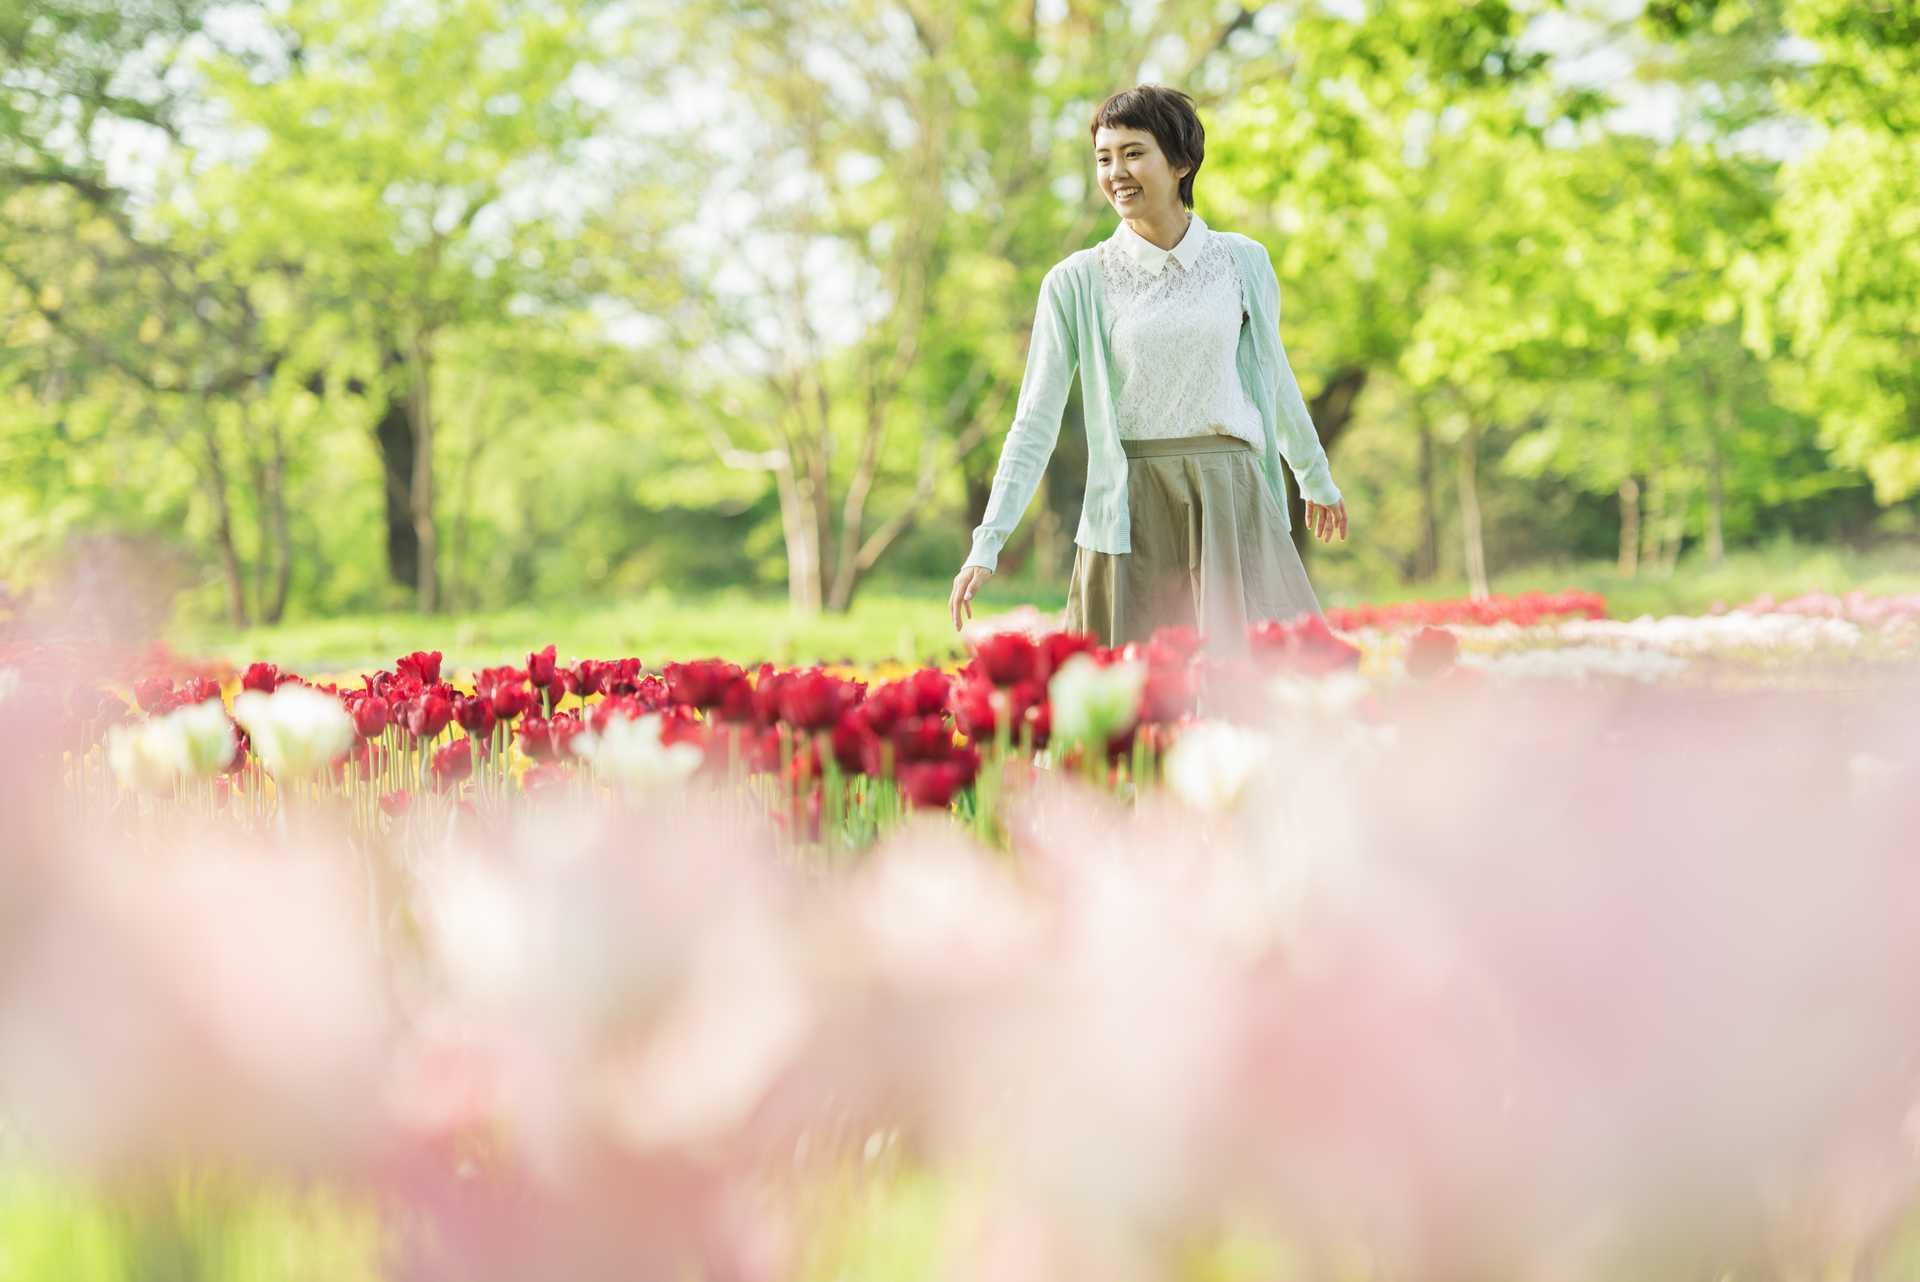 「美しい花だ」そう思える人は、幸せだ。 | 脳を刺激する30の歩き方